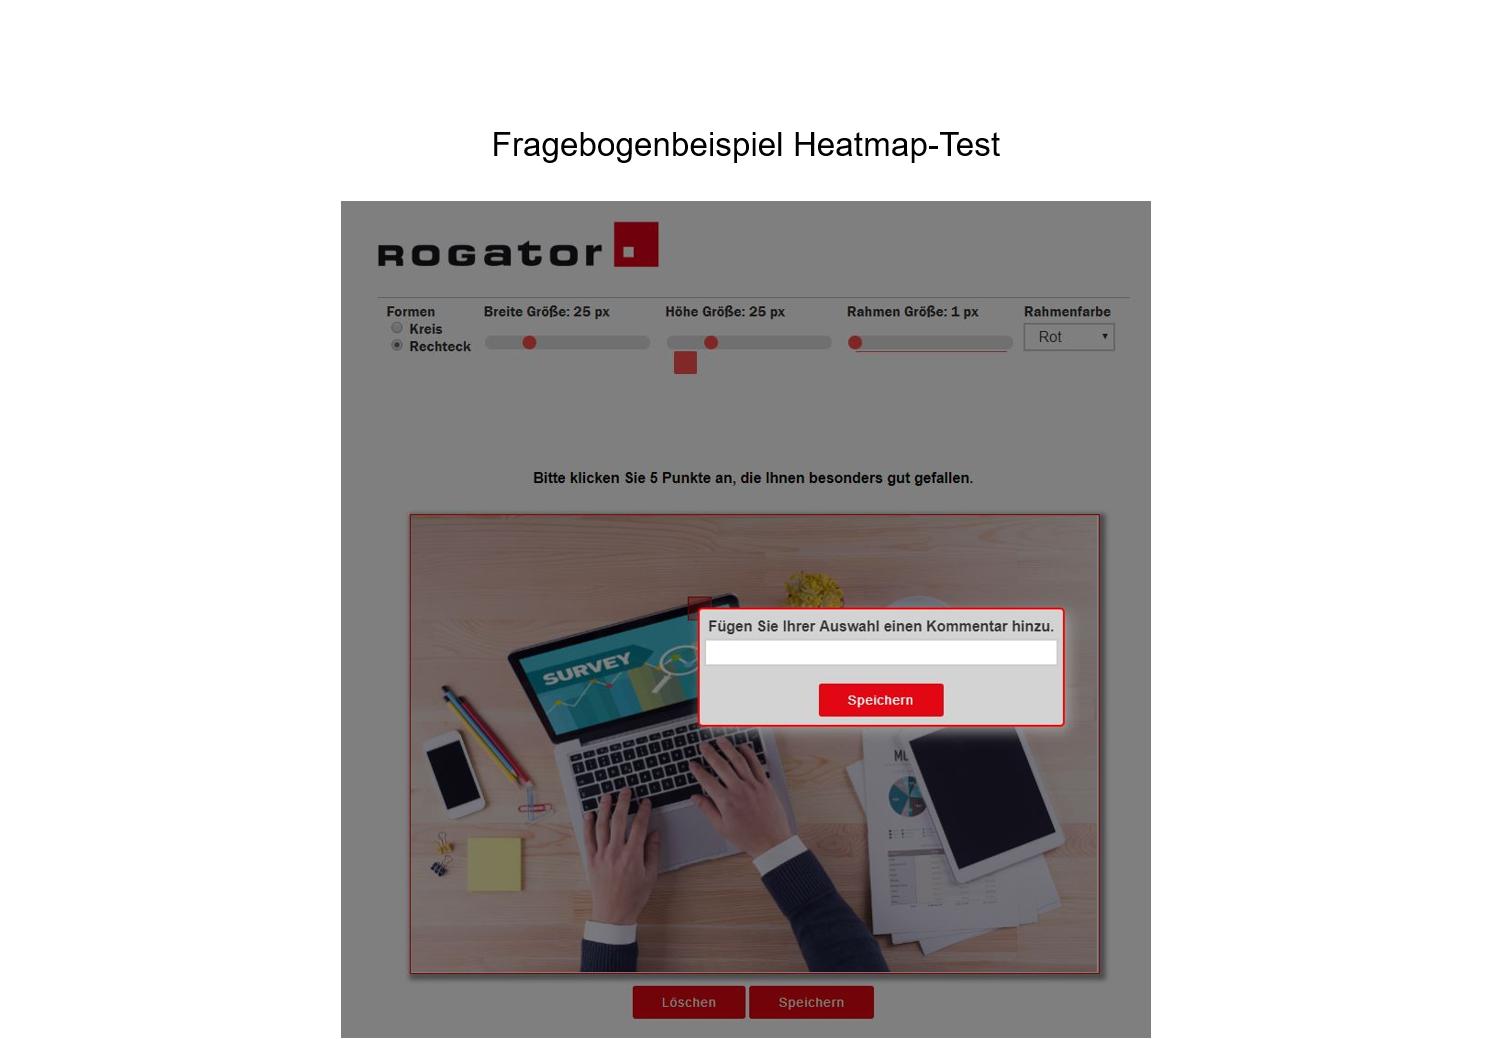 """Heatmap-Test Fragebogenbeispiel Laptop """"Kommentar hinzufuegen"""""""